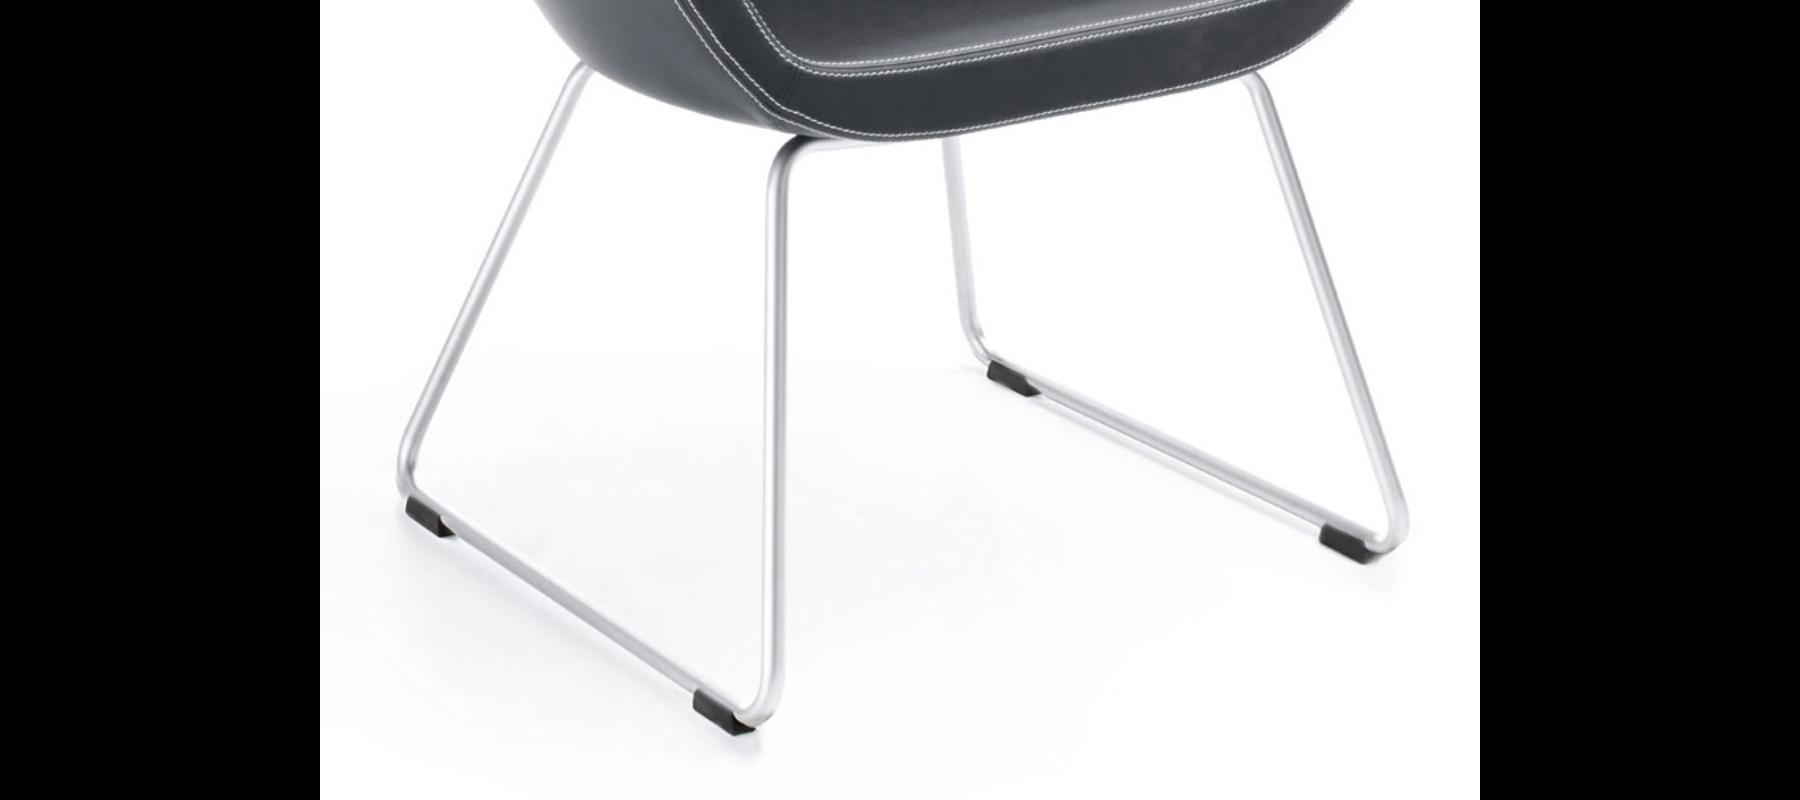 krzesla konferencyjne fan detale - 10